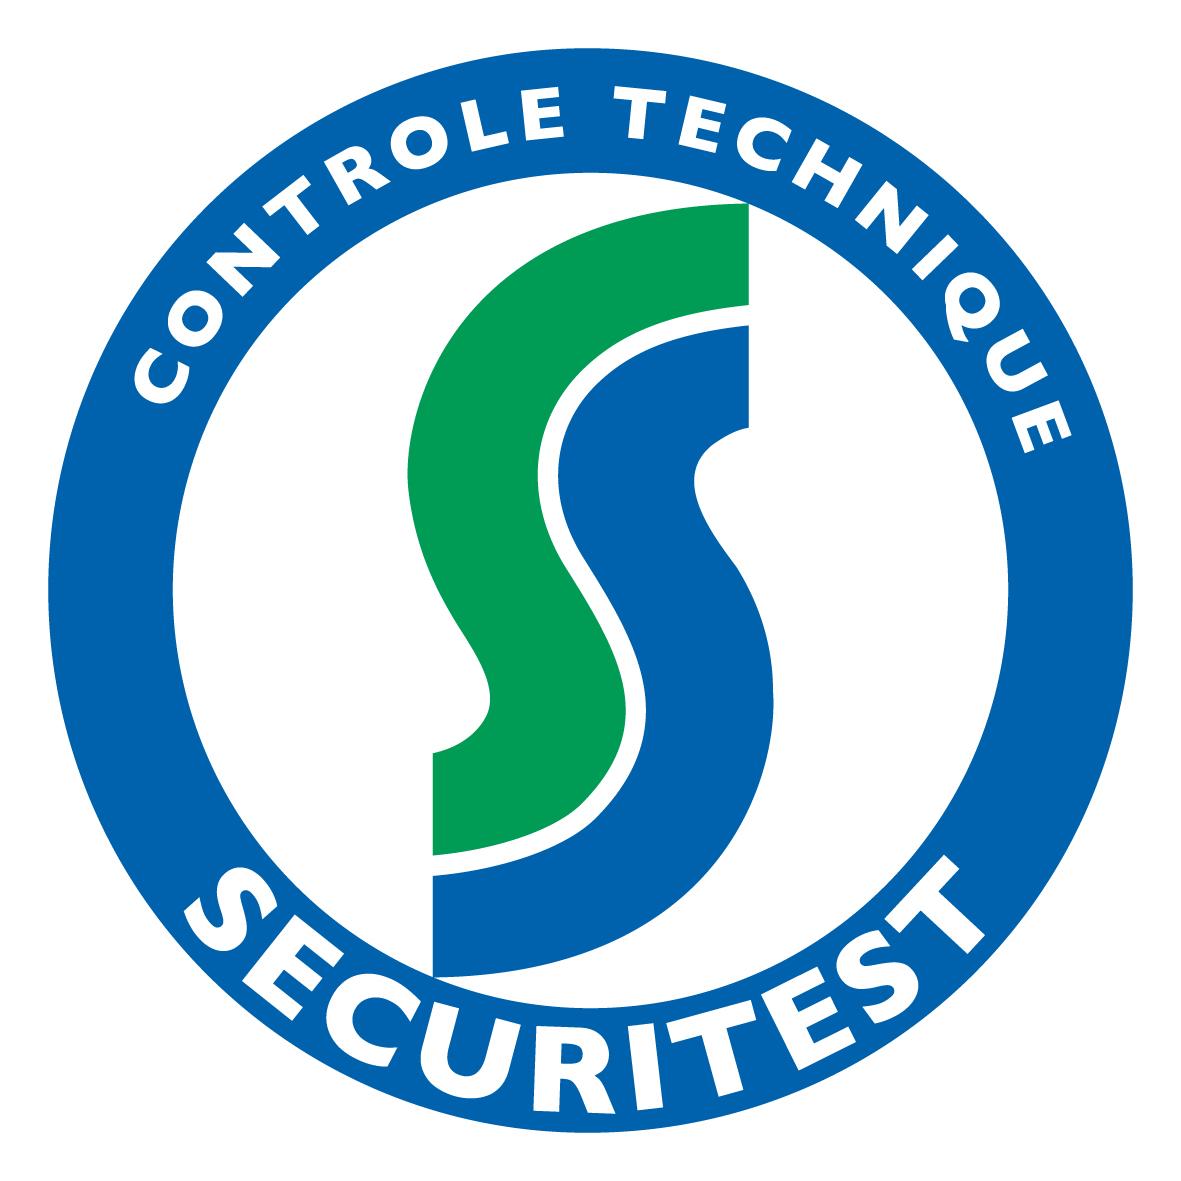 Sécuritest - Csca pasquis contrôle technique auto